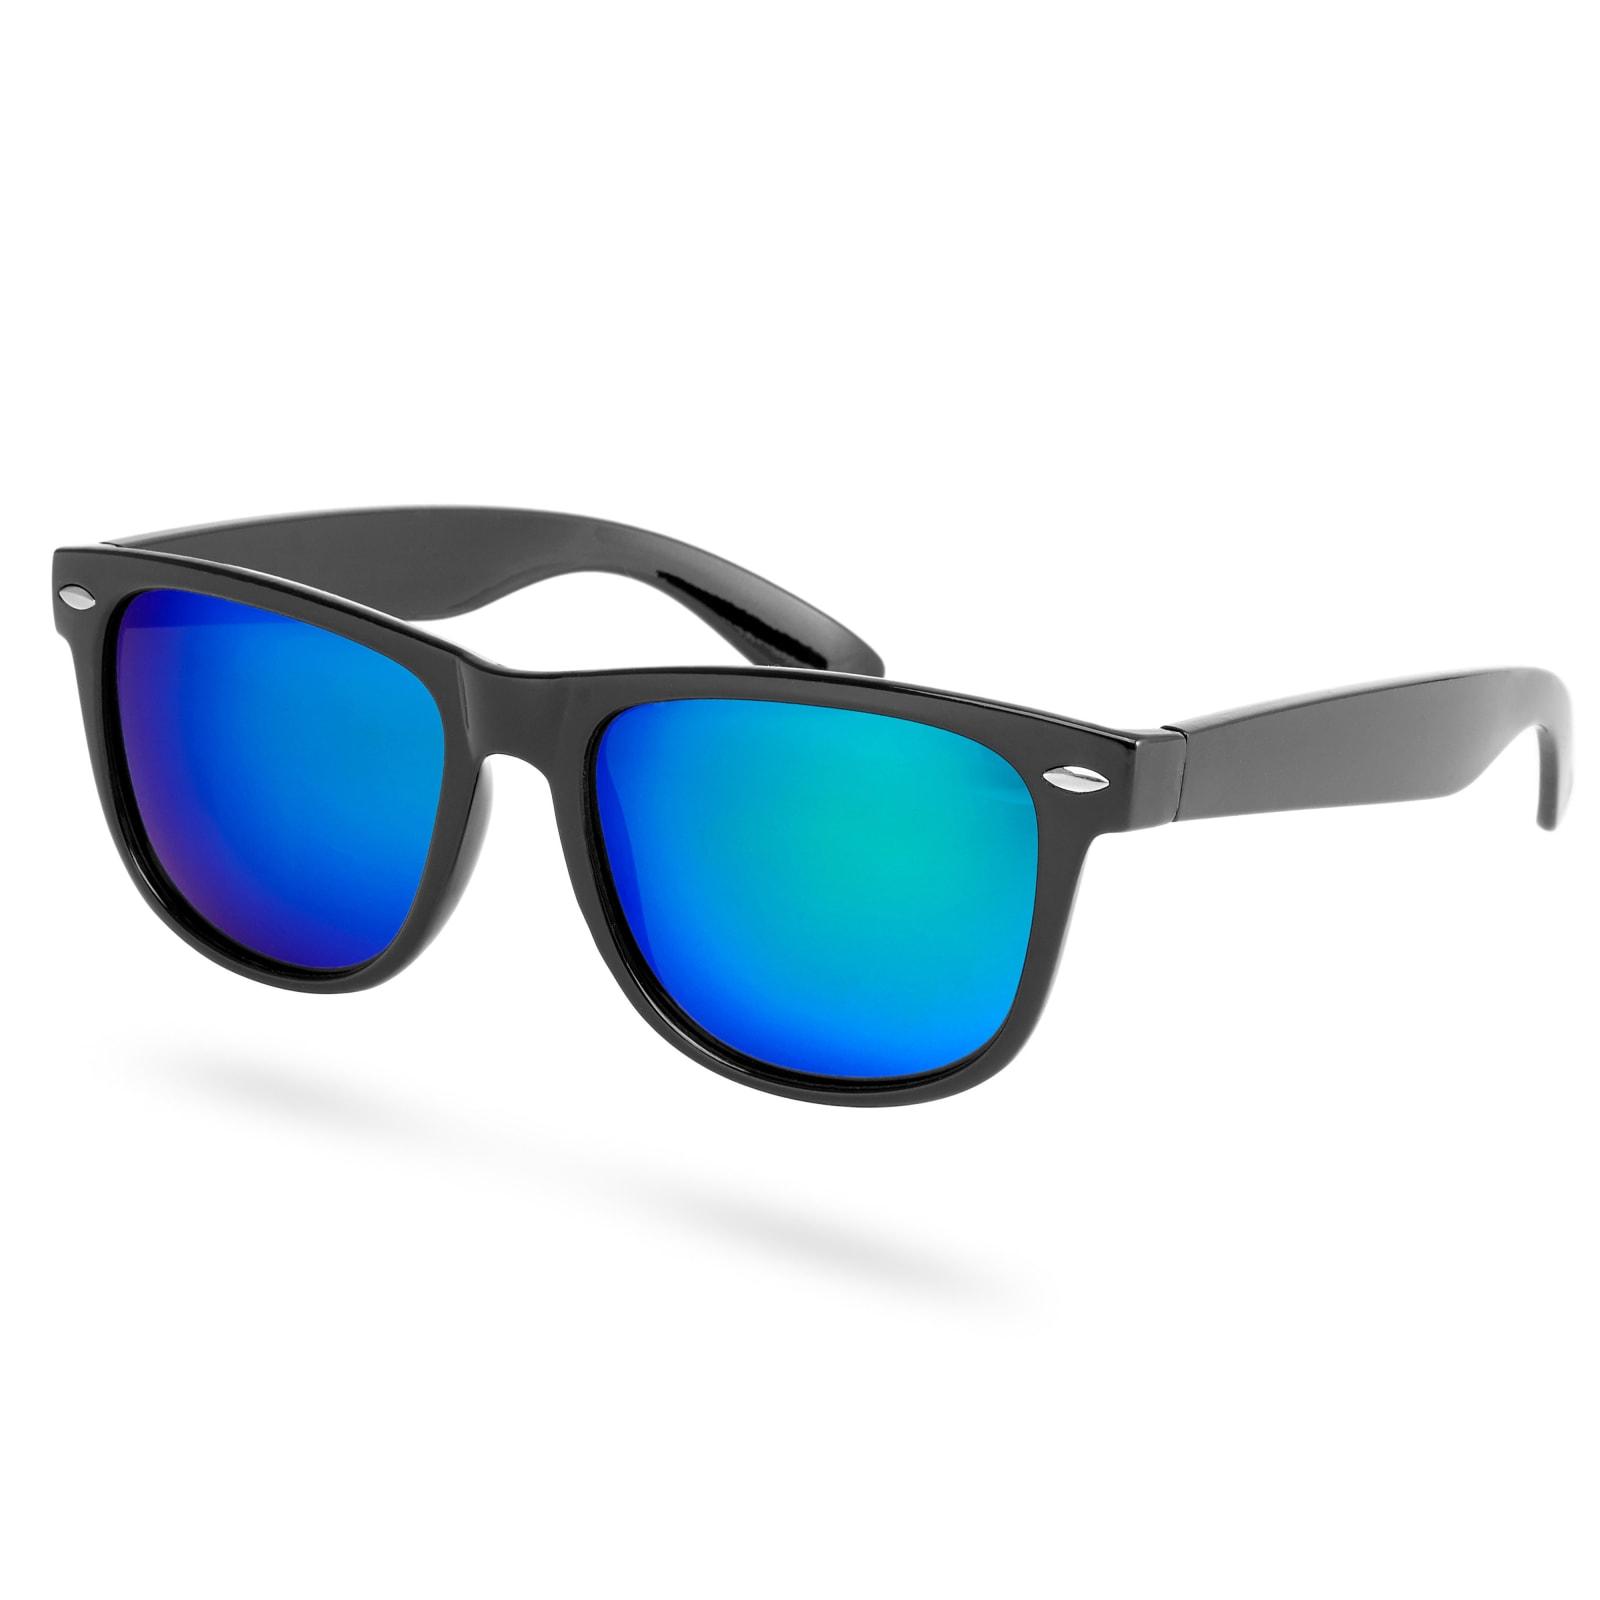 44335e16ab Gafas polarizadas de espejo en verde y azul   ¡En stock!